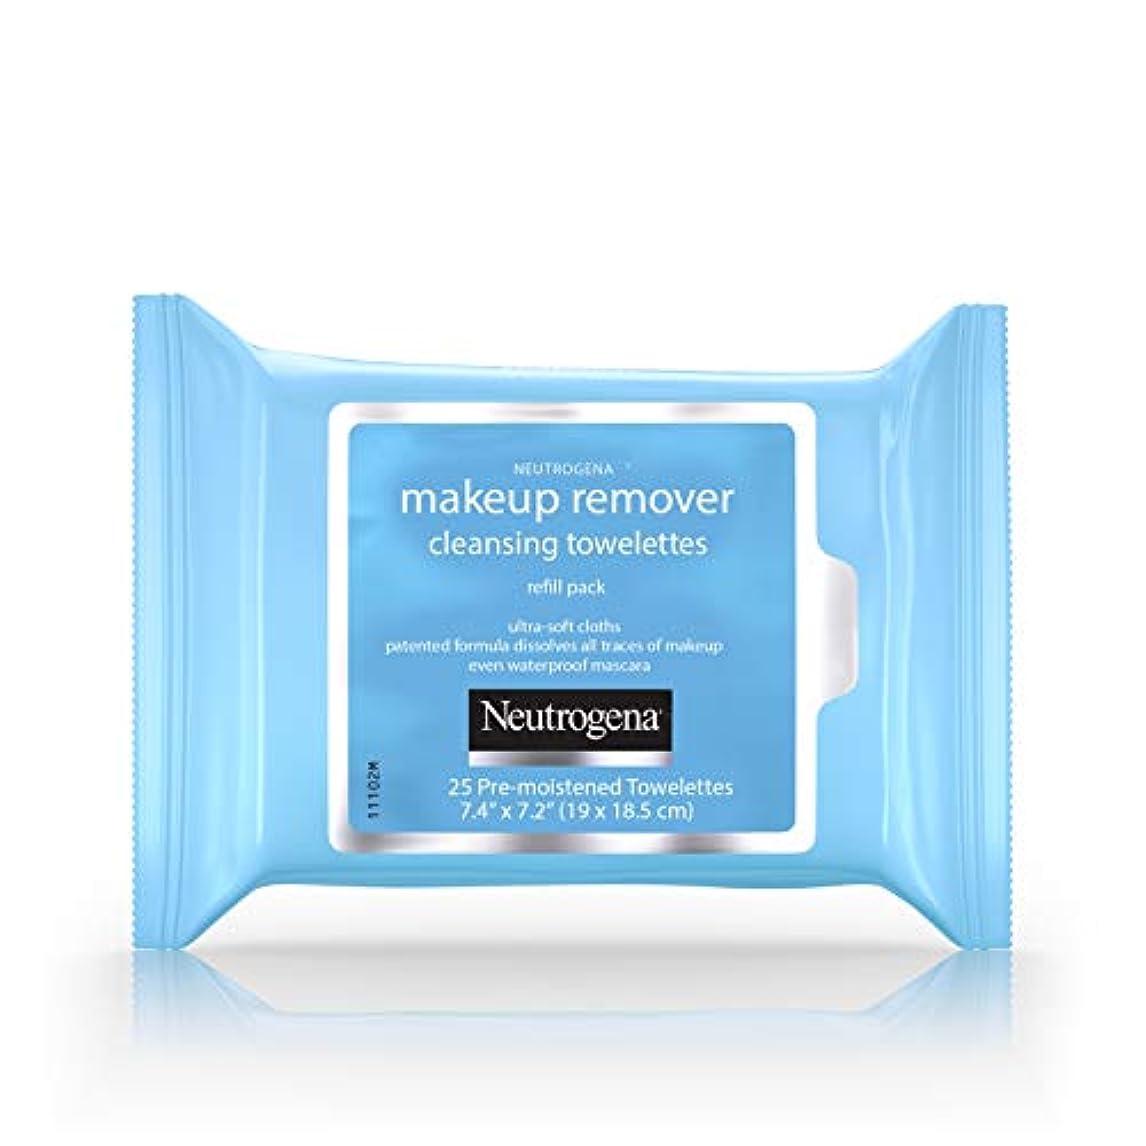 絶対に資本主義庭園Neutrogena Make-up Remover Cleansing Towelettes Refill Pack 25 Pc (並行輸入品)